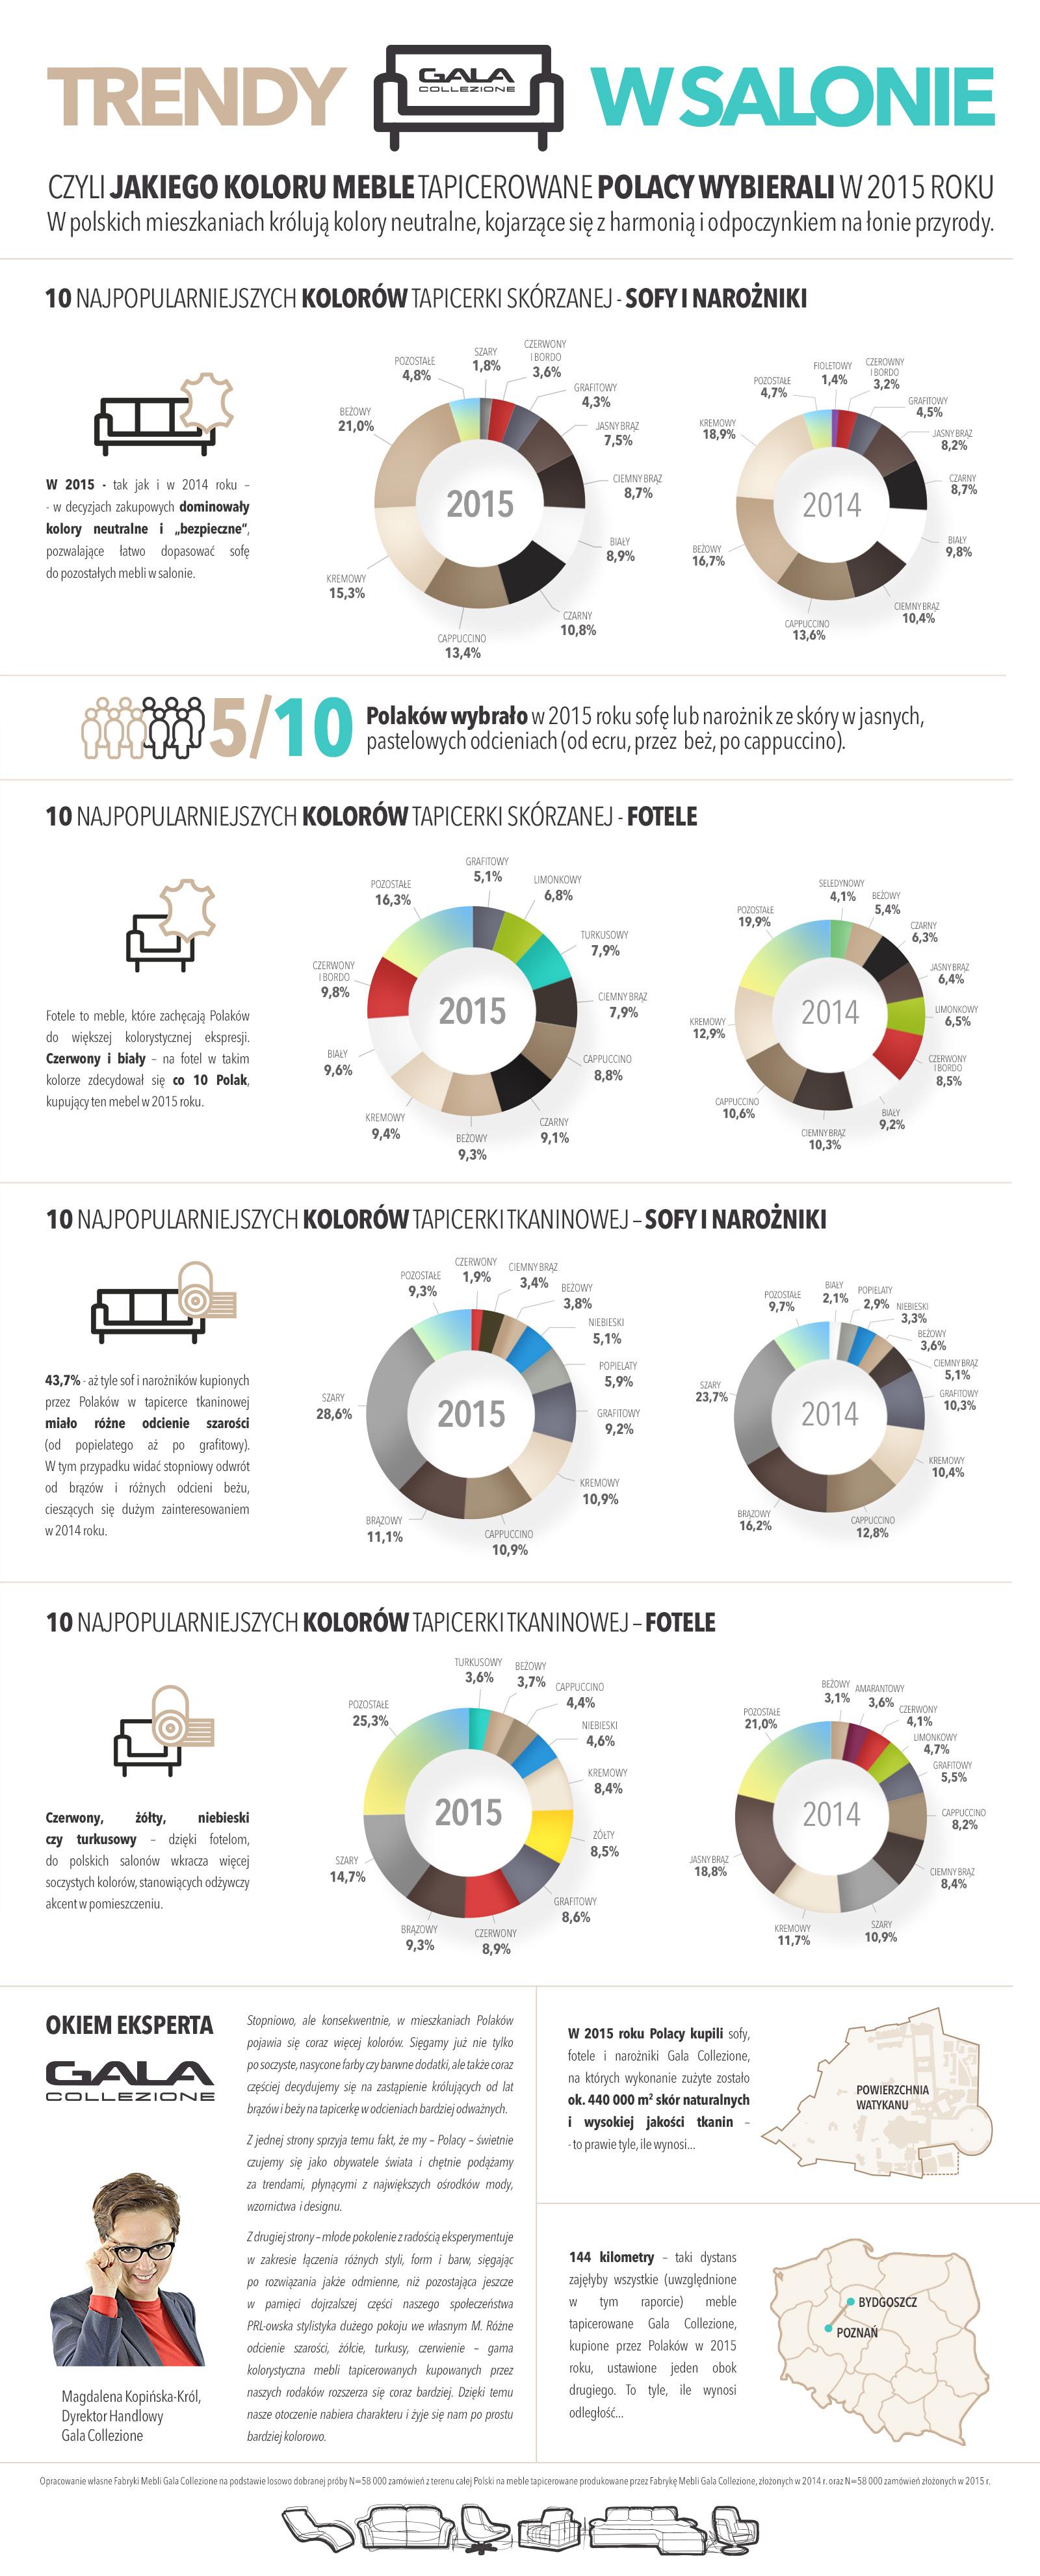 Trendy w salonie czyli jakiego koloru meble tapicerowane Polacy kupowali w 2015 roku - raport Gala Collezione